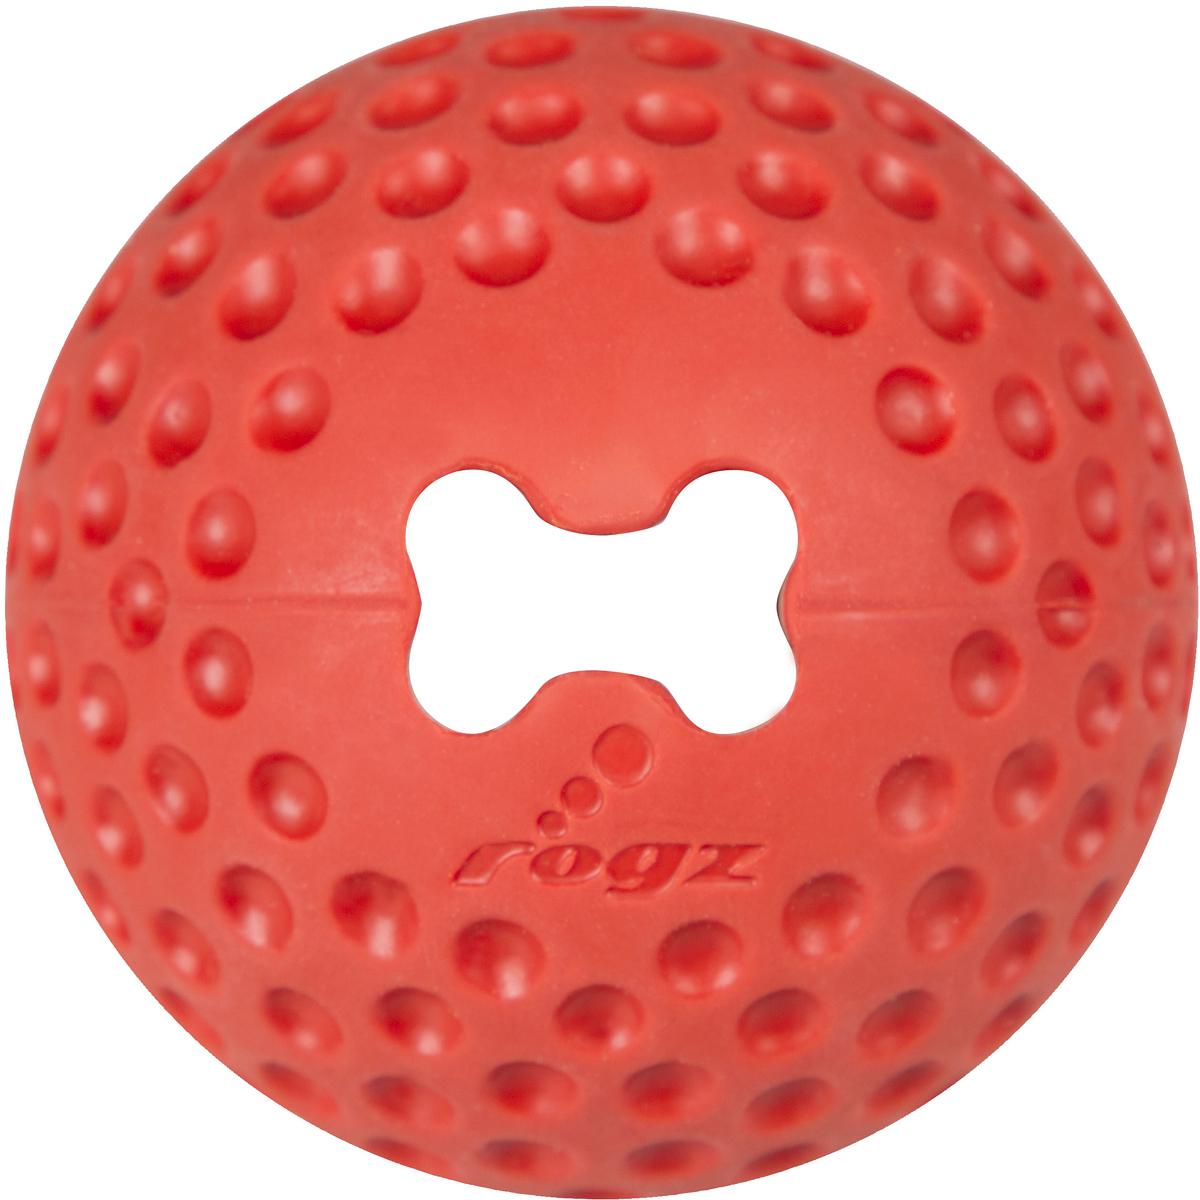 Игрушка для собак Rogz Gumz, с отверстием для лакомства, цвет: красный, диаметр 7,8 смGU04CИгрушка для собак Rogz Gumz тренирует жевательные мышцы и массирует десны собаке. Отлично подходит для дрессировки, так как есть отверстие для лакомства.Отлично подпрыгивает при играх.Занимательная игрушка выдерживает долгое жевание и разгрызание. Материал изделия: 85 % натуральной резины, 15 % синтетической резины. Не токсичен.